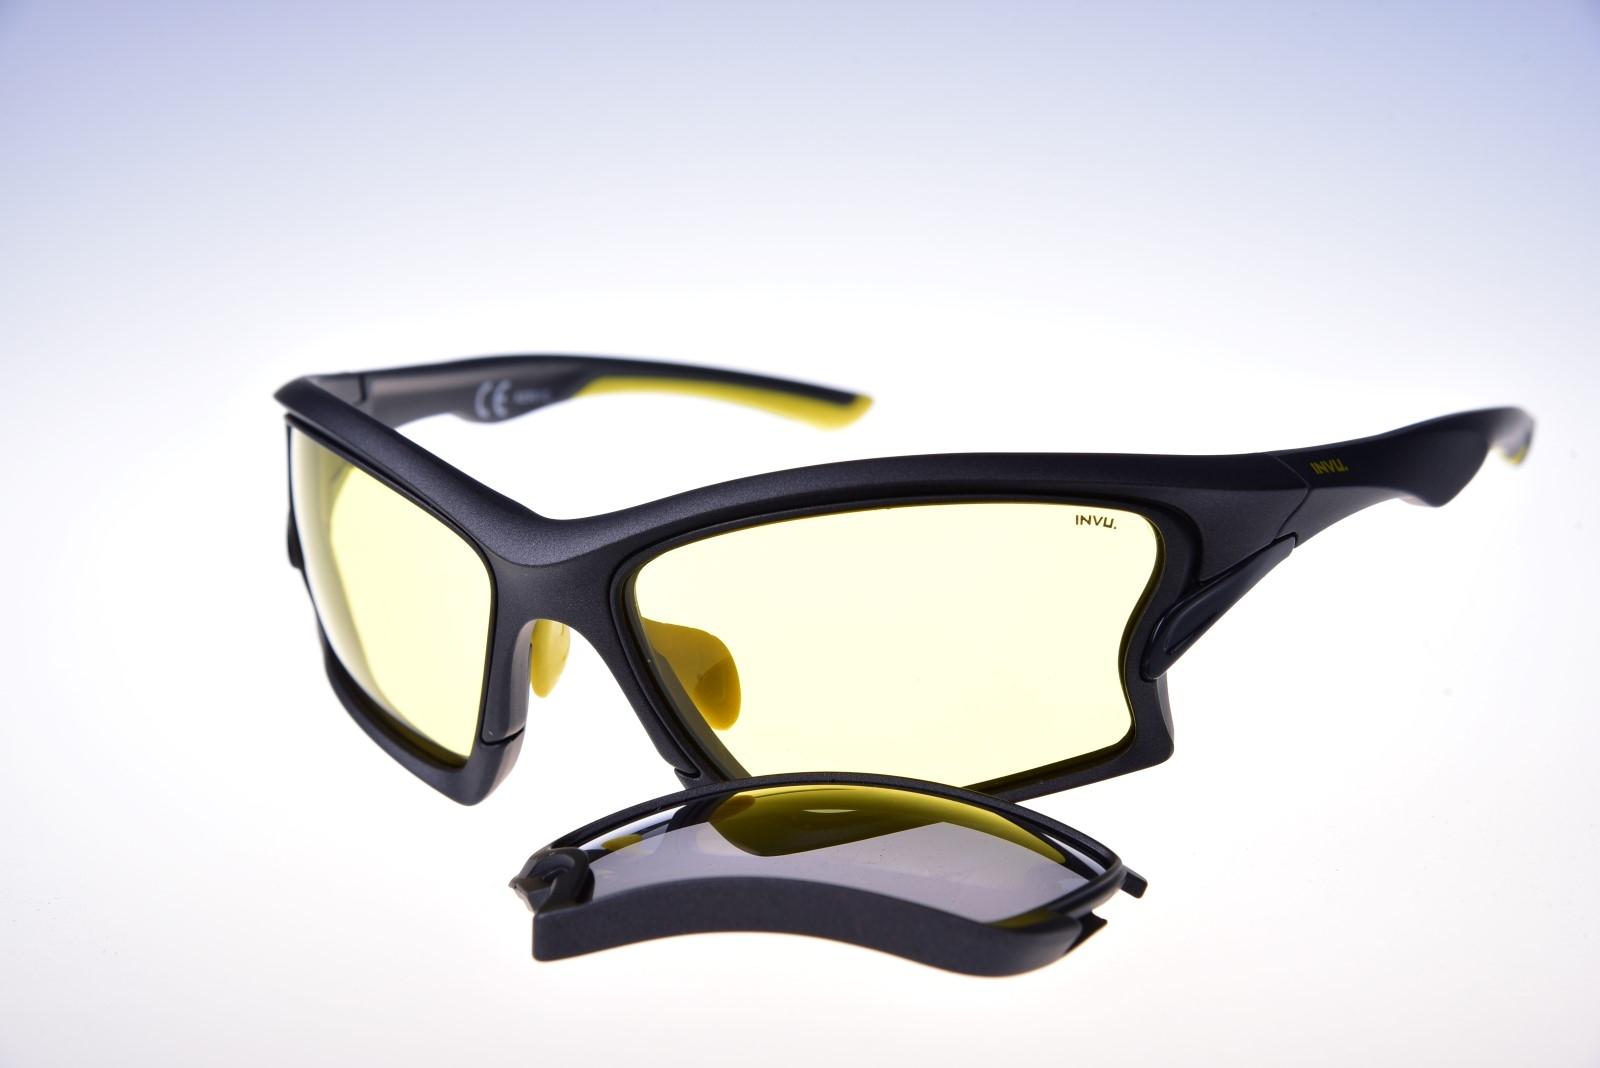 INVU. Active A2901C - Pánske slnečné okuliare